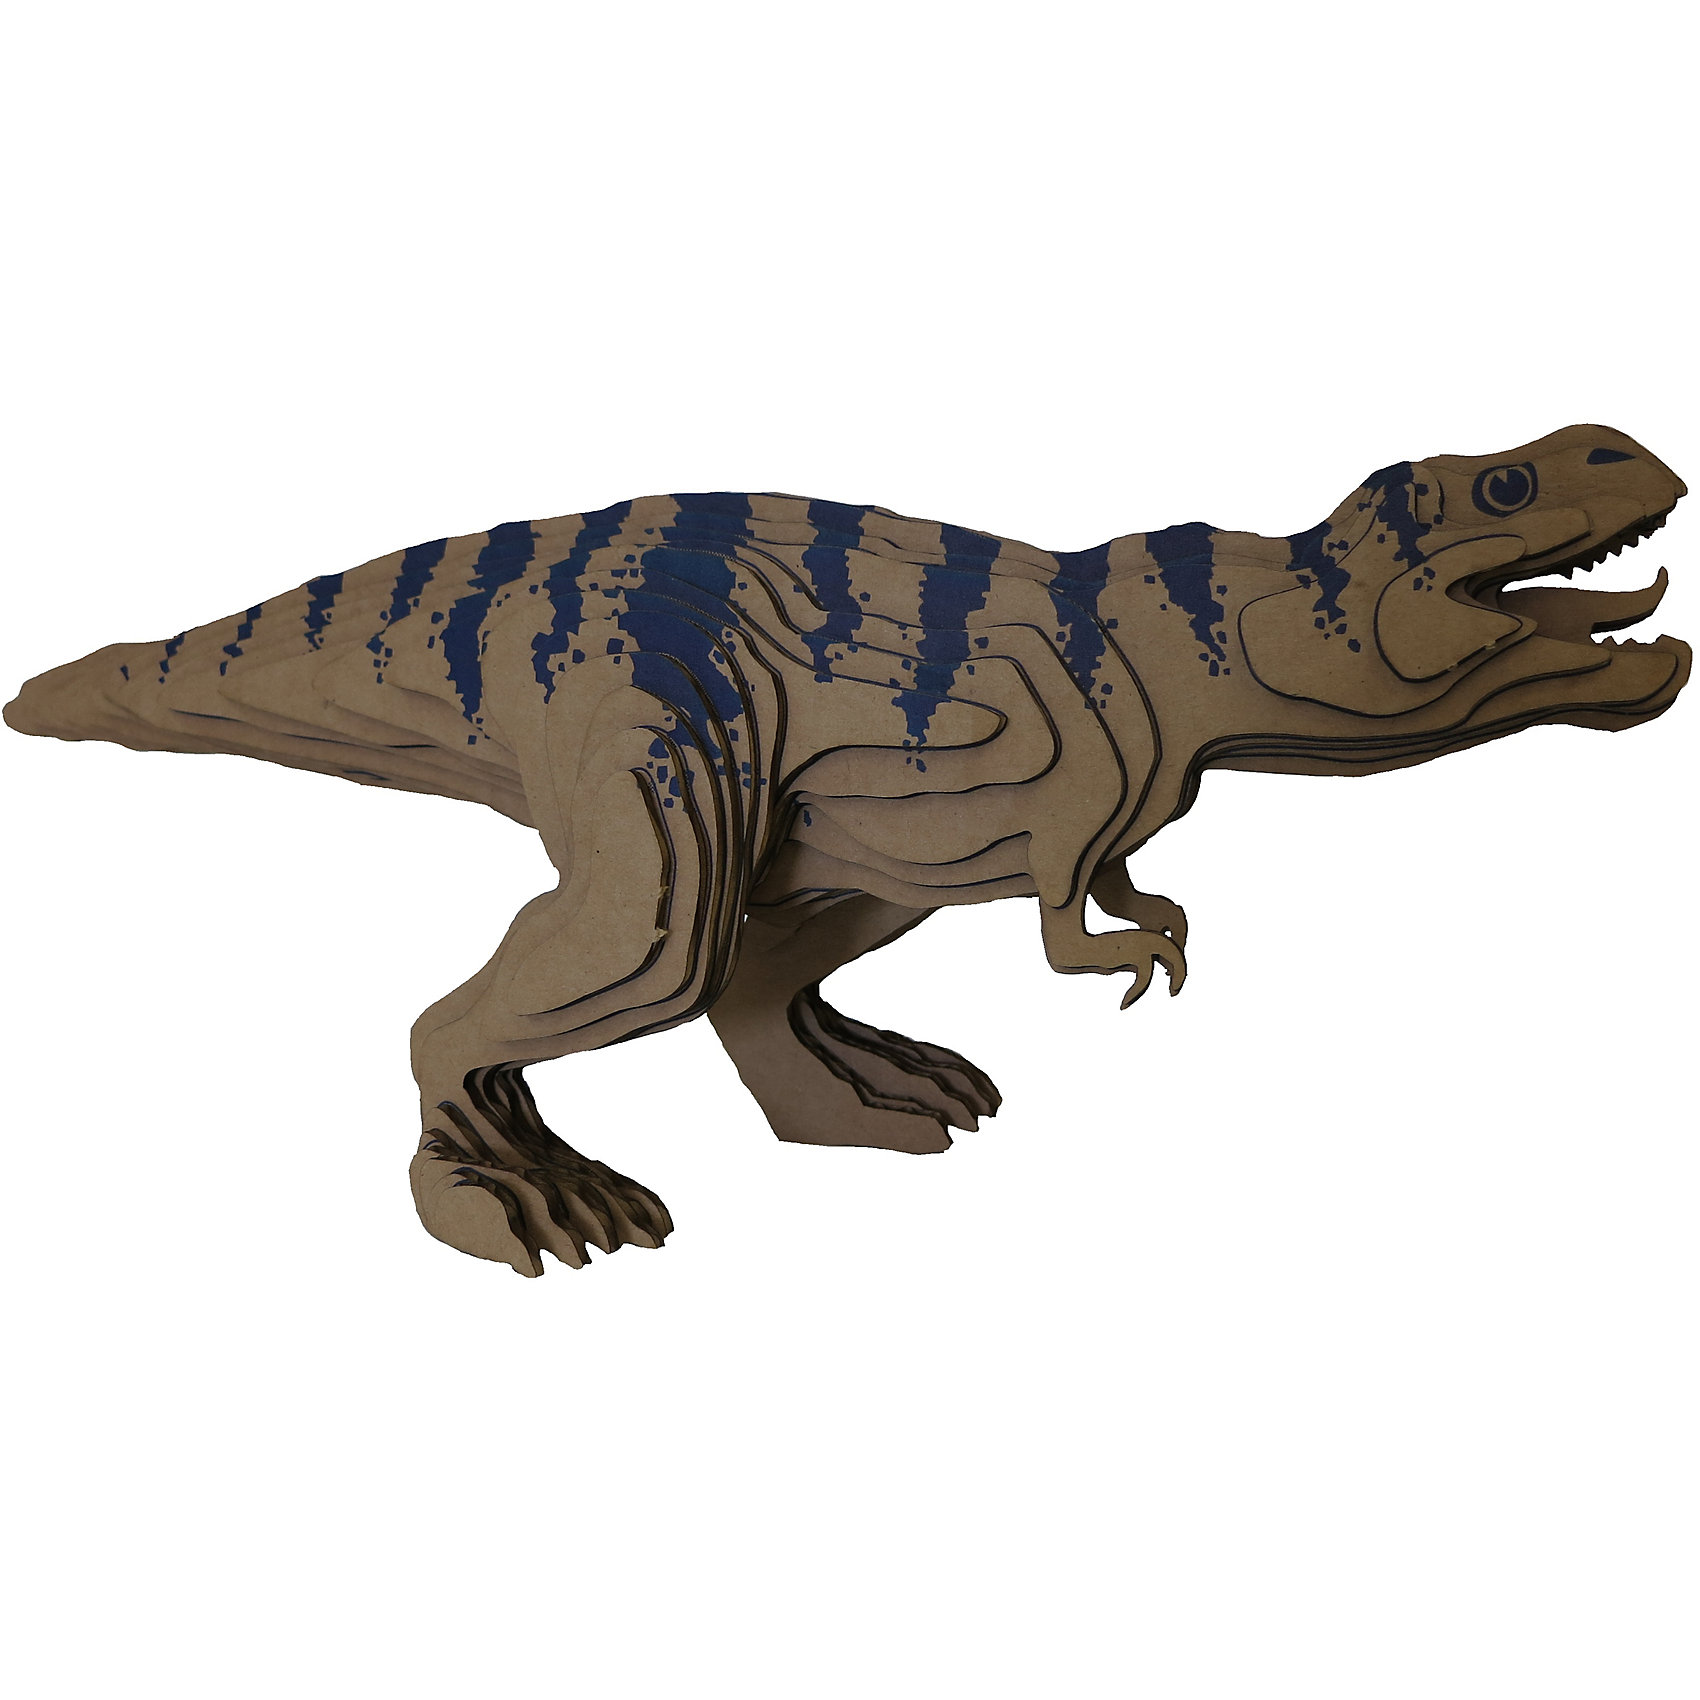 3D-Пазл «Тираннозавр» большой, PandaPuzzle3D пазлы<br>3D-Пазл «Тираннозавр», большой PandaPuzzle ? головоломка от отечественного торгового бренда, который специализируется на выпуске трехмерных пазлов разной тематики. Все пазлы от PandaPuzzle выполнены из экологически безопасных материалов, имеют продуманный и реалистичный дизайн моделей. Выполненные из гофрокартона детали пазла отличаются легким весом и высокими физическими качествами: плотностью и жесткостью. Модель собирается в технике объемного квиллинга, что подразумевает склеивание деталей пазла между собой.  Собирая модели в данной технике, у ребенка развивается логическое мышление и мелкая моторика рук, тренируется зрительная память и внимательность. В каждый набор входит клей для склеивания деталей и инструкция по сбору модели. <br>3D-Пазл «Тираннозавр», большой PandaPuzzle упакован в стилизованную картонную коробку.<br><br>Дополнительная информация:<br><br>- Вид игр: игры-головоломки, сюжетно-ролевые<br>- Предназначение: для дома, для развивающих центров, для центров дополнительного образования<br>- Материал: гофрокартон<br>- Комплектация: 52 детали, клей, инструкция<br>- Размер (Д*Ш*В): 43,5*6,7*26,5 см<br>- Вес: 441 г <br>- Пол: для мальчика/для девочки<br>- Особенности ухода: разрешается сухая чистка собранной модели<br><br>Подробнее:<br><br>• Для детей в возрасте: от 5 лет и до 16 лет<br>• Страна производитель: Россия<br>• Торговый бренд: PandaPuzzle<br><br>3D-Пазл «Тираннозавр», большой PandaPuzzle можно купить в нашем интернет-магазине.<br><br>Ширина мм: 435<br>Глубина мм: 67<br>Высота мм: 265<br>Вес г: 441<br>Возраст от месяцев: 60<br>Возраст до месяцев: 192<br>Пол: Унисекс<br>Возраст: Детский<br>SKU: 4932392